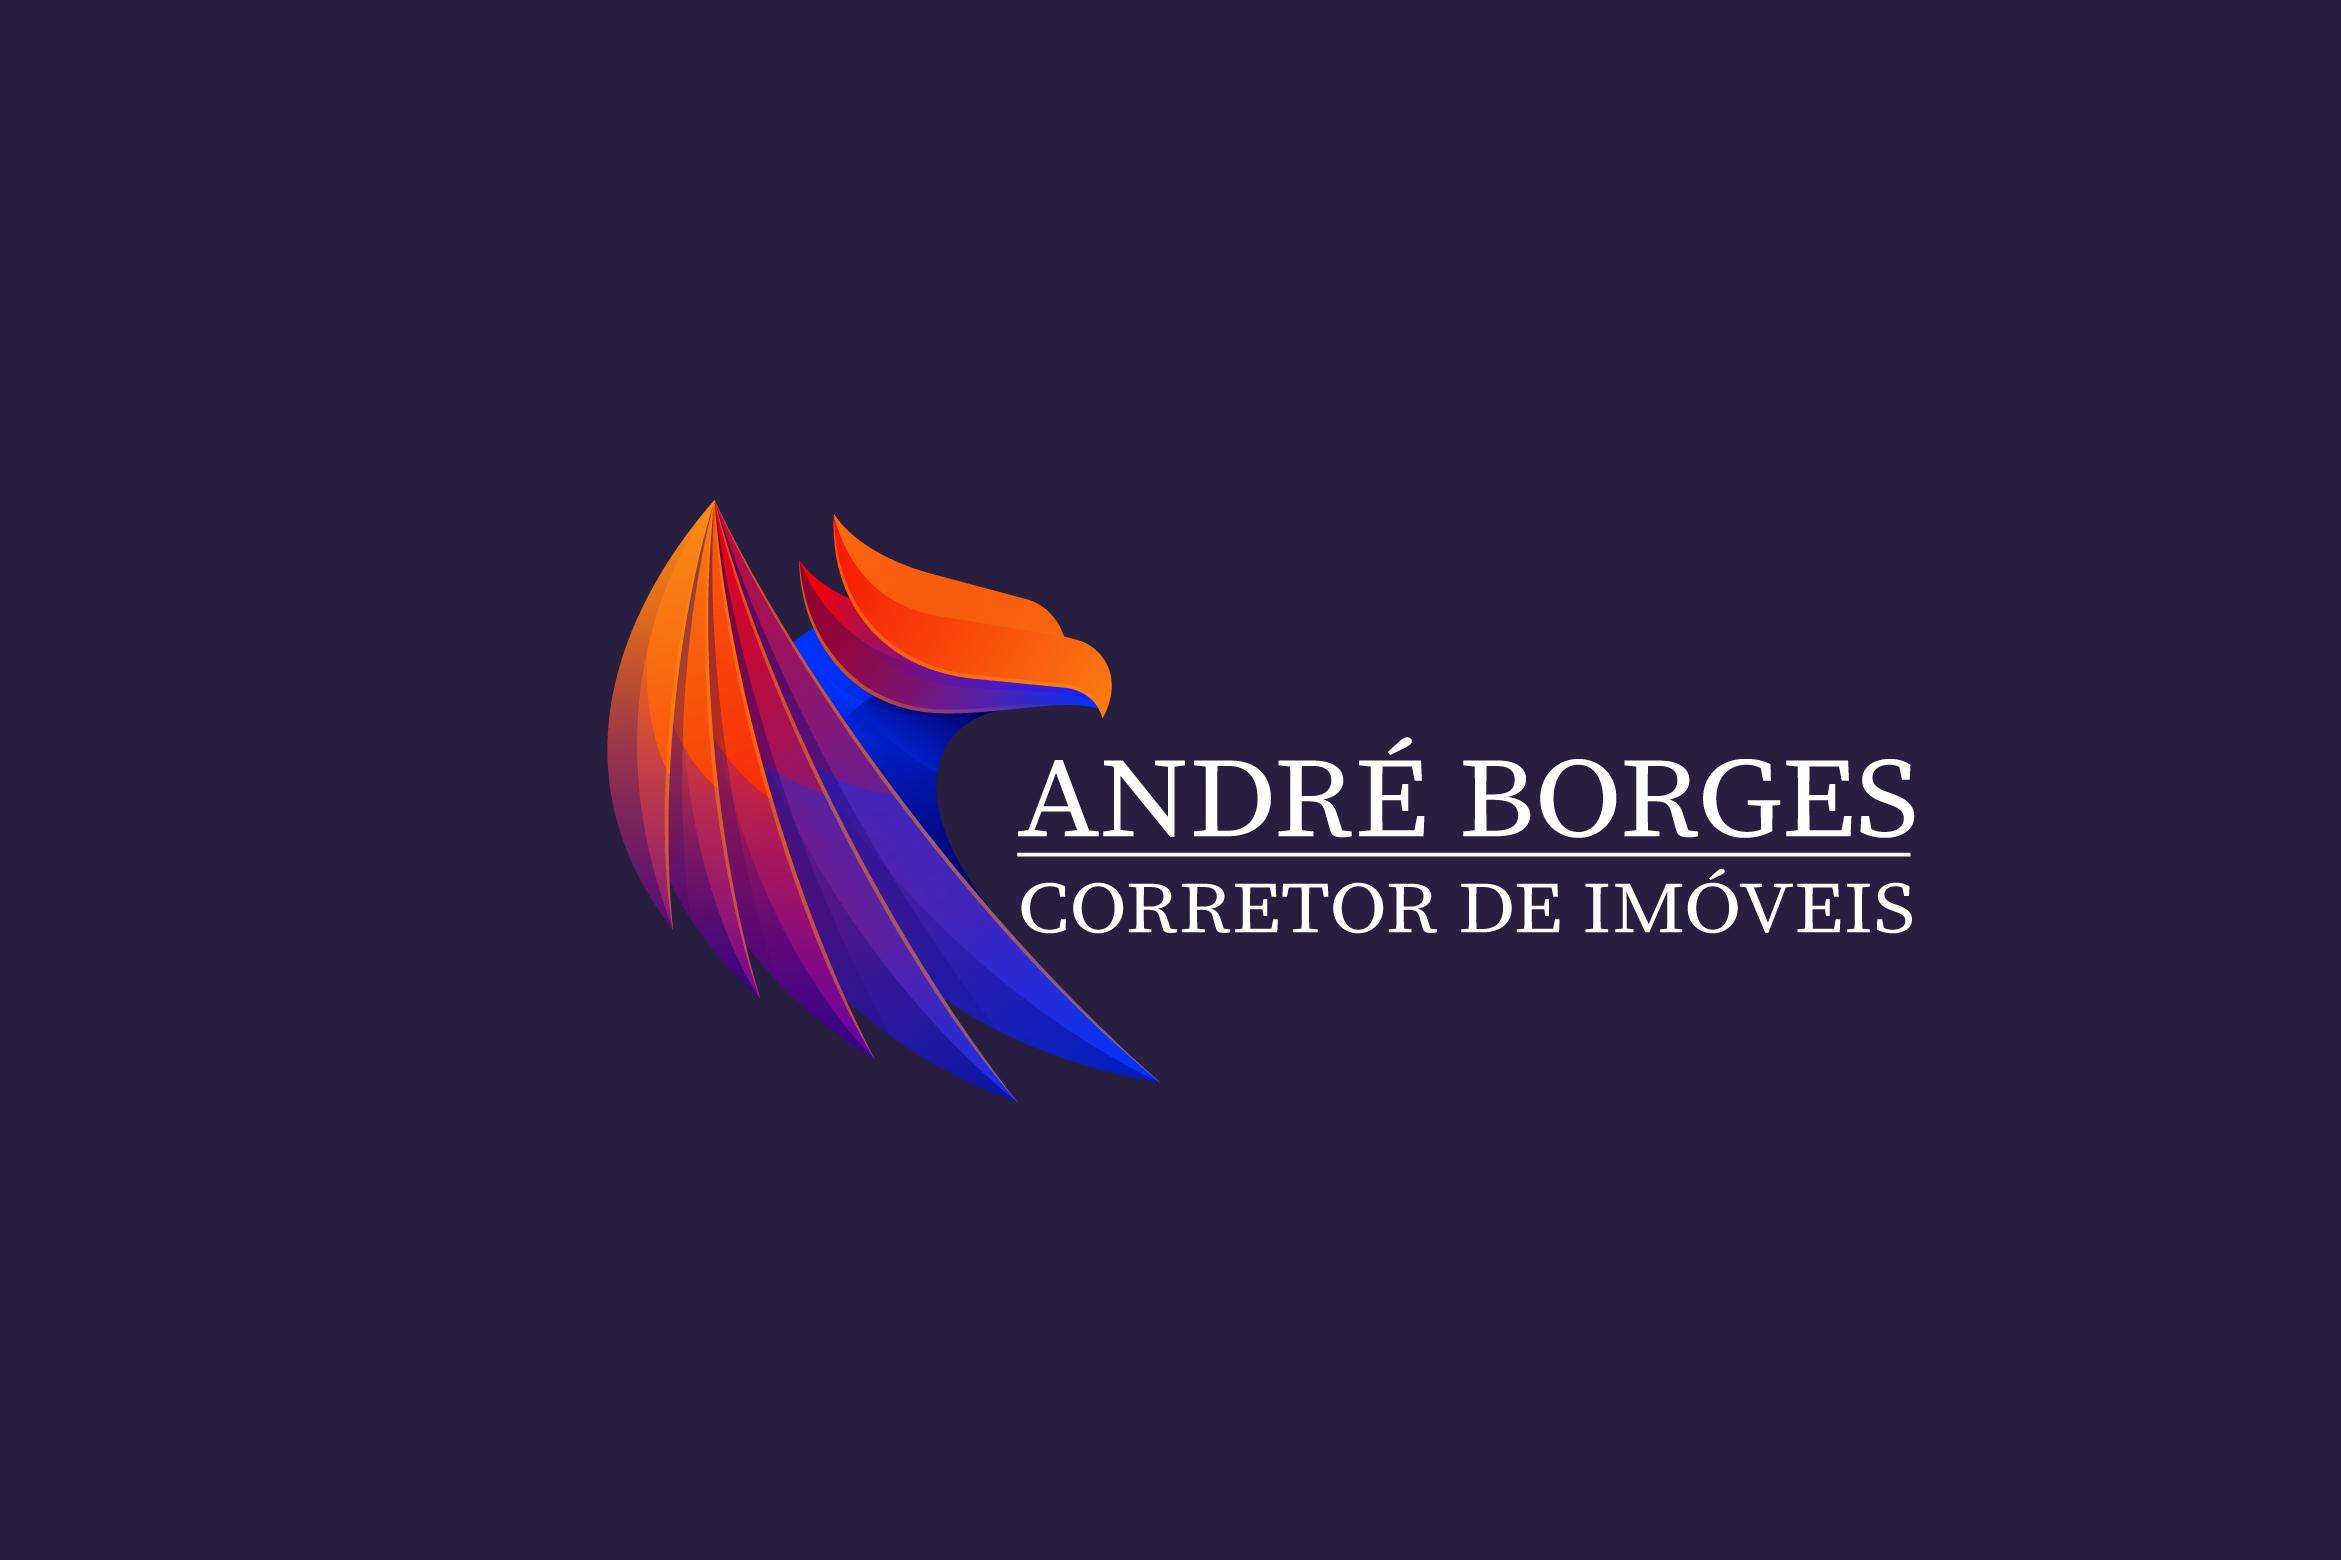 André Borges Corretor de Imóveis